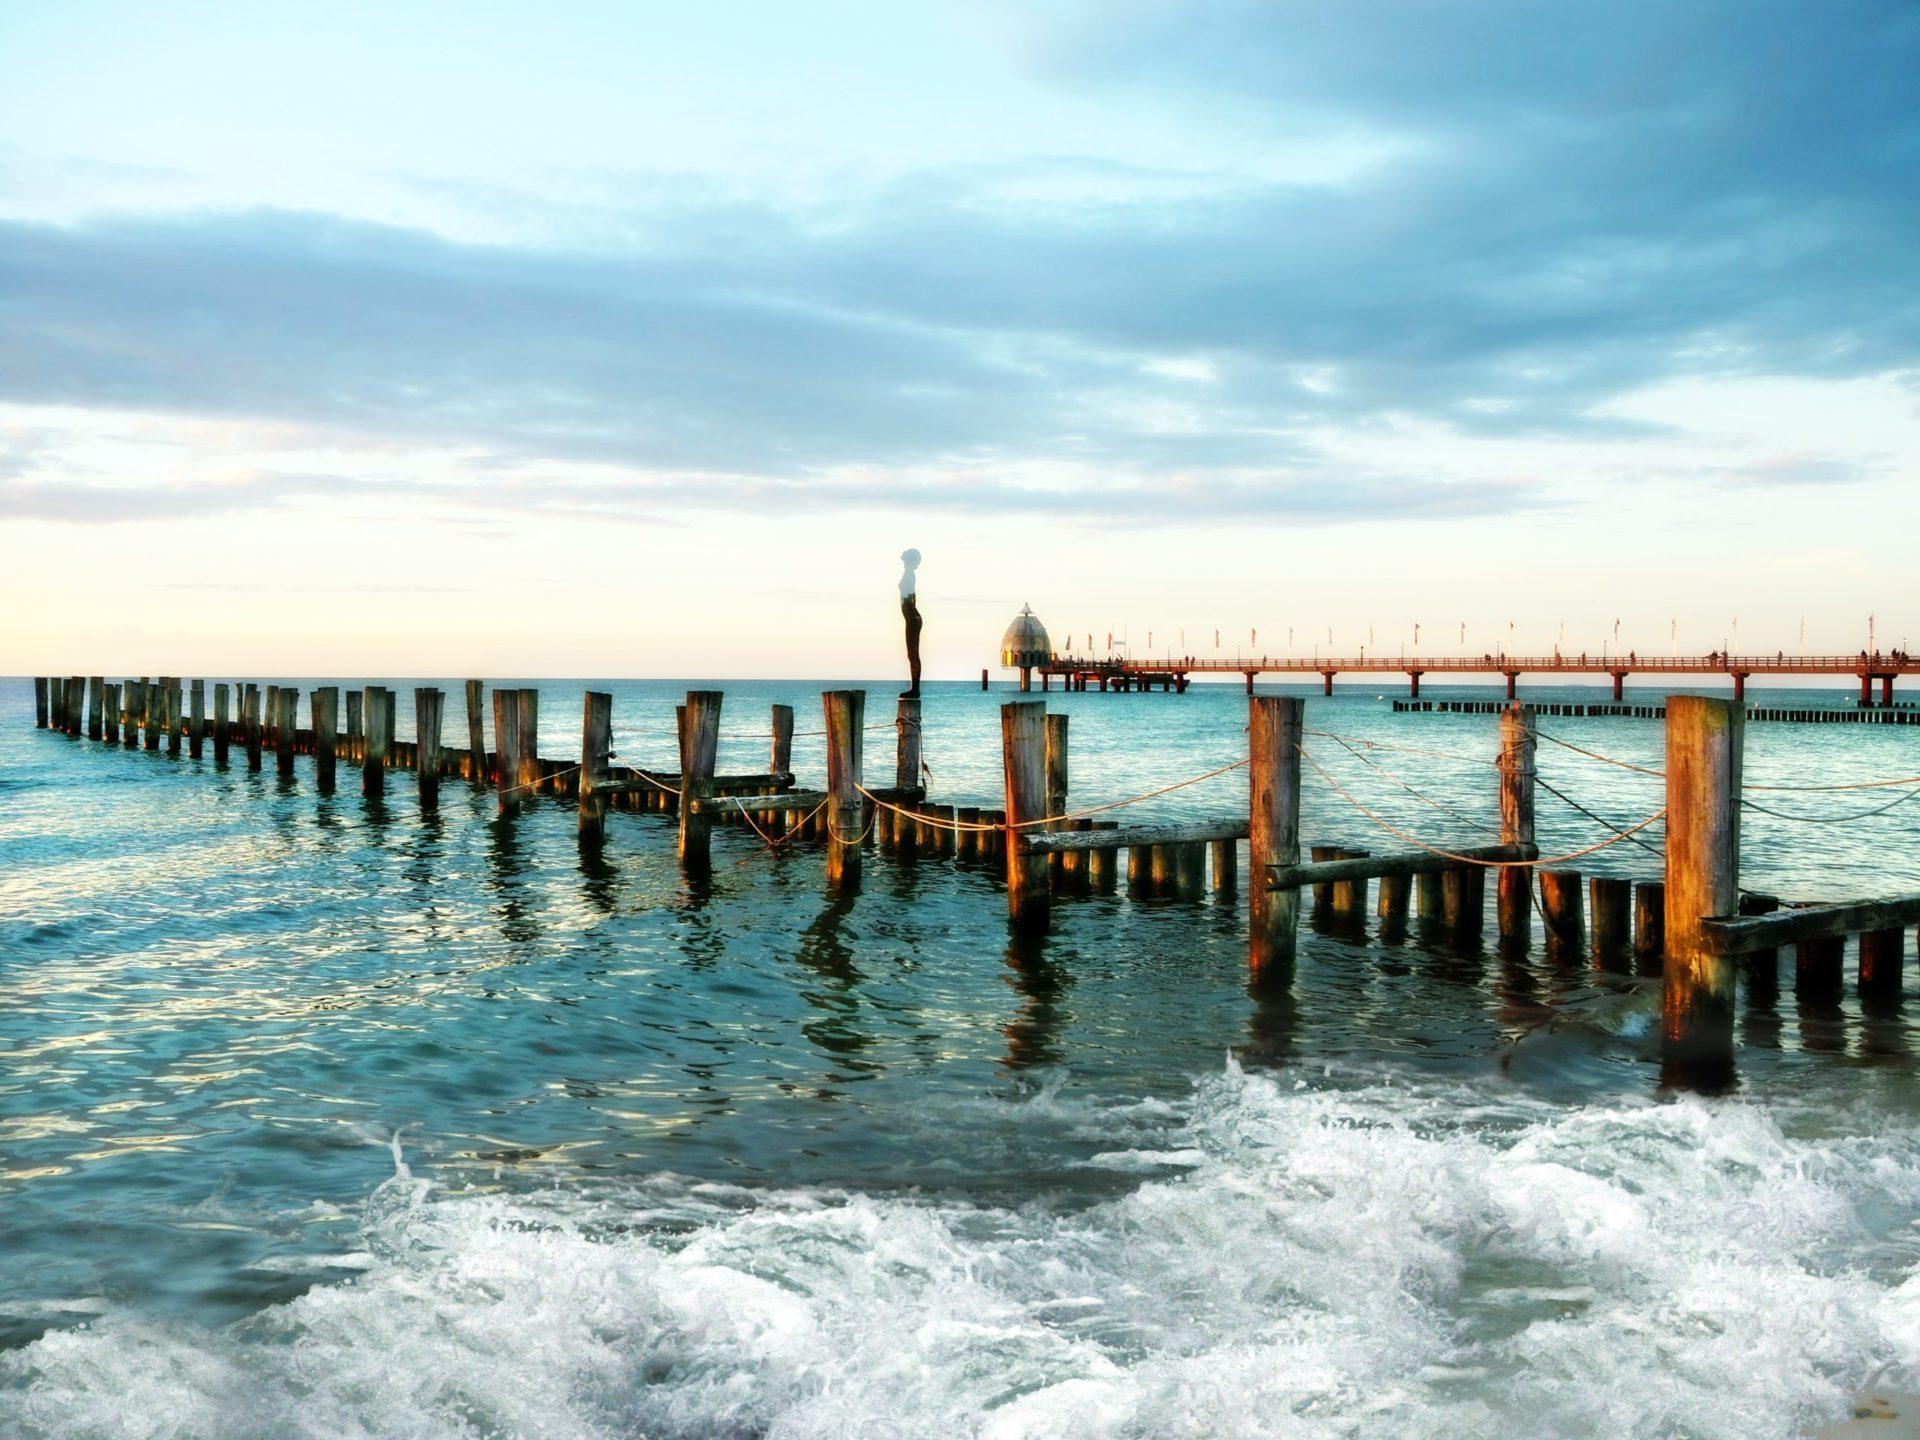 Wassertemperatur Zingst: Seebrücke Zingst mit Tauchgondel und Buhnen in der Ostsee